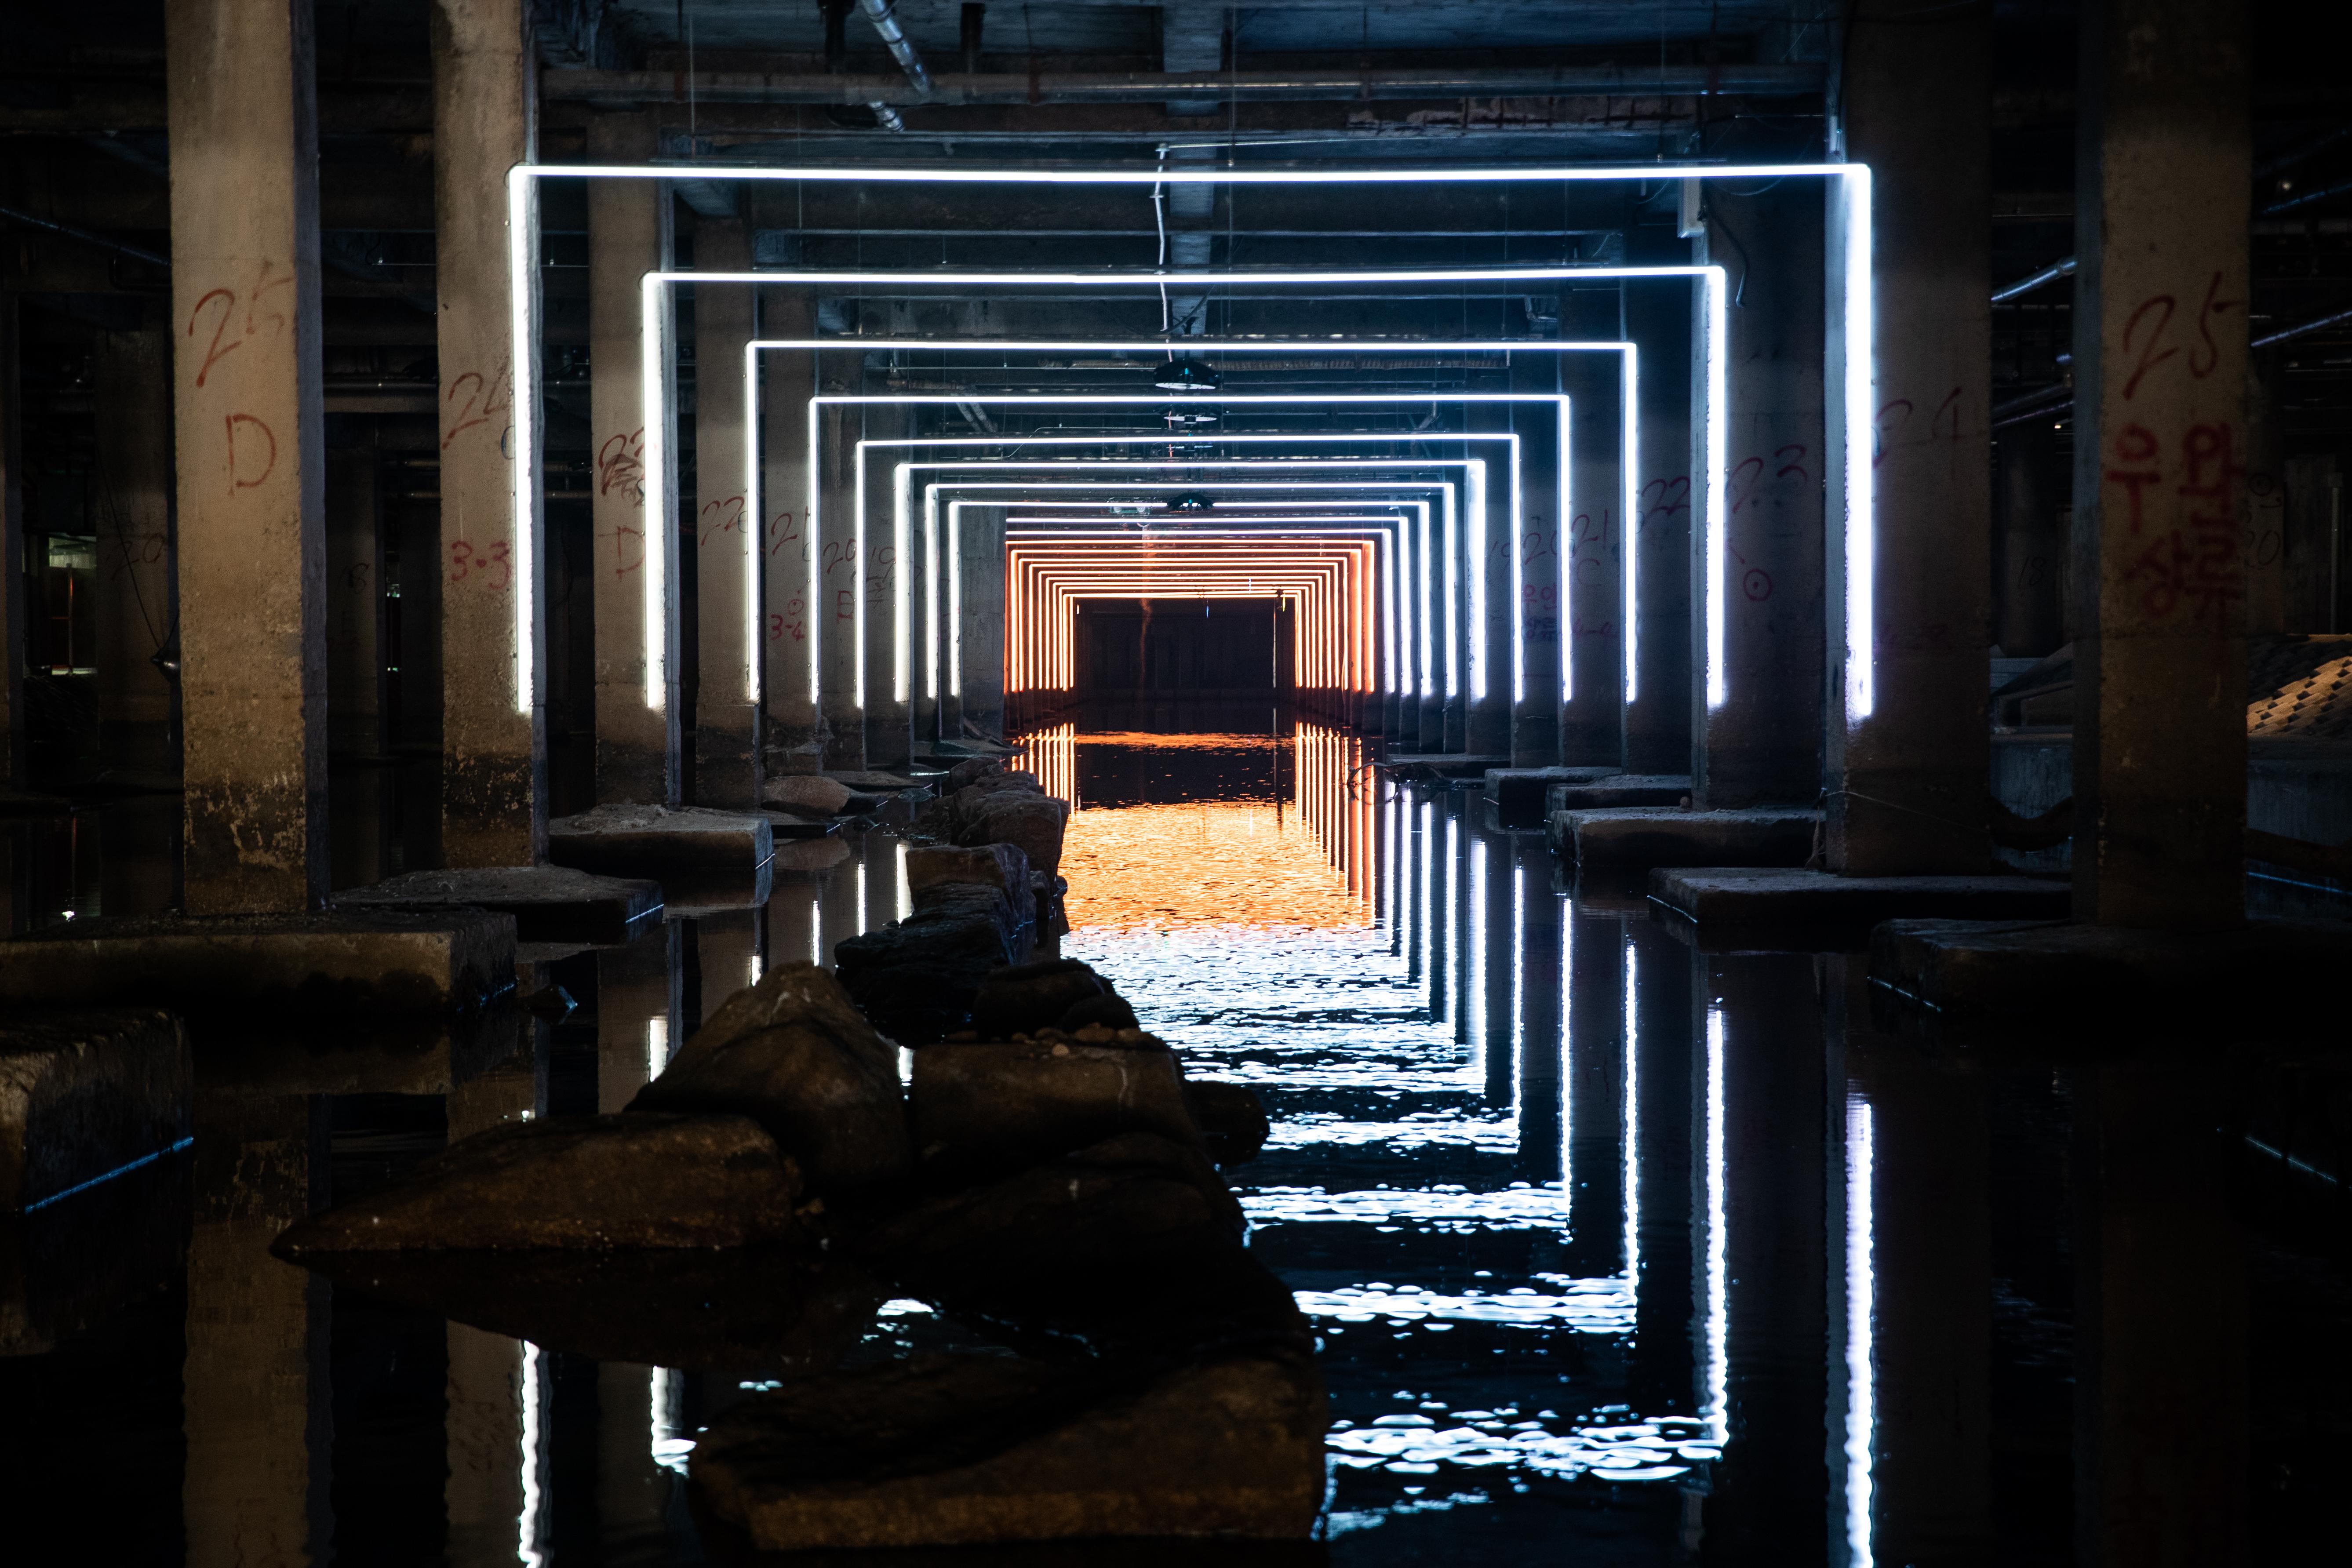 〔ANN의 뉴스 포커스〕 버려진 대전차 방호기지가 빛의 예술길로 새롭게 변화